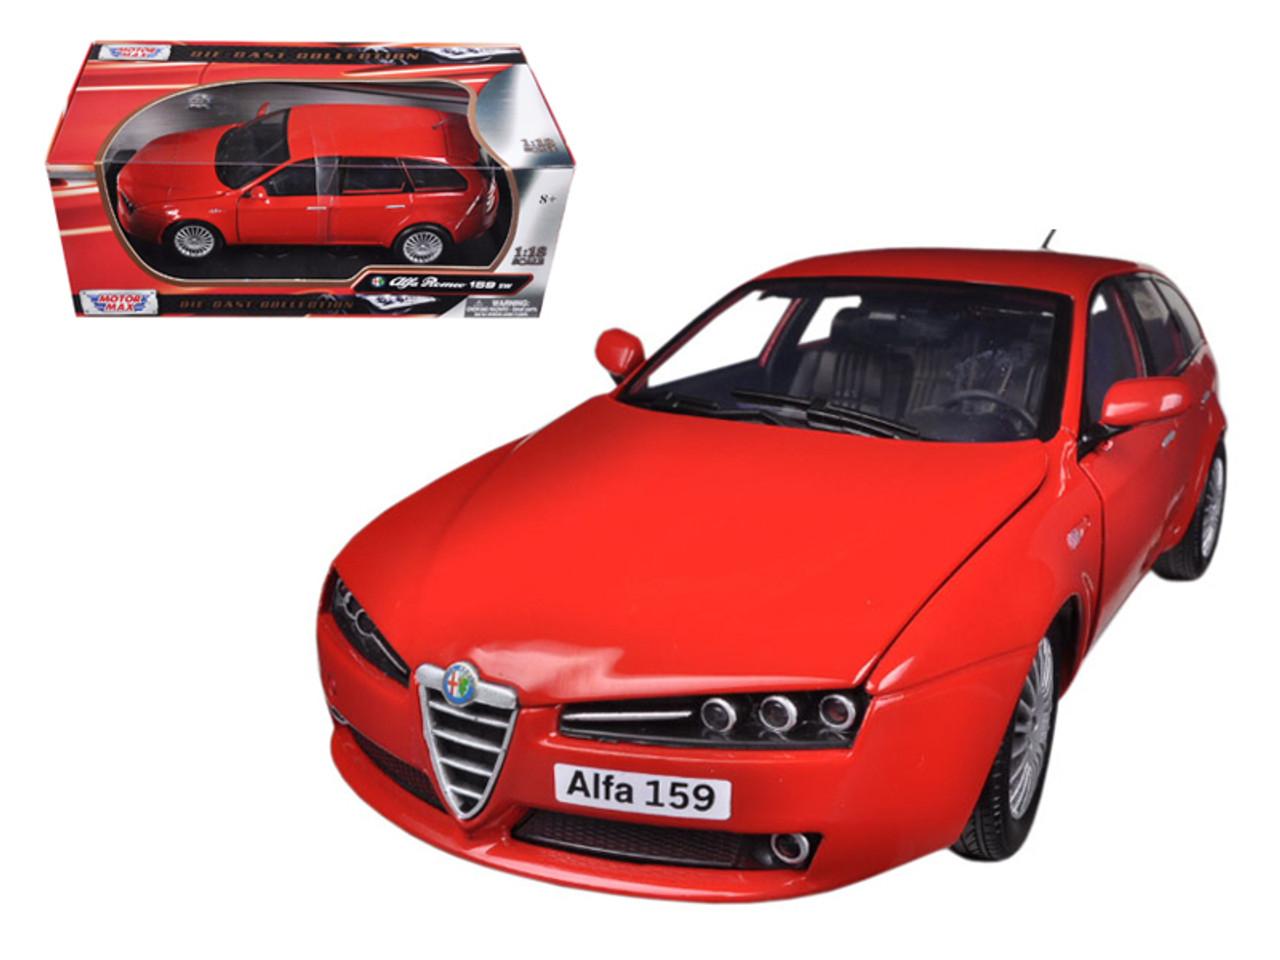 Alfa Romeo Models >> 1 18 Motormax Alfa Romeo 159 Sw Red Diecast Car Model